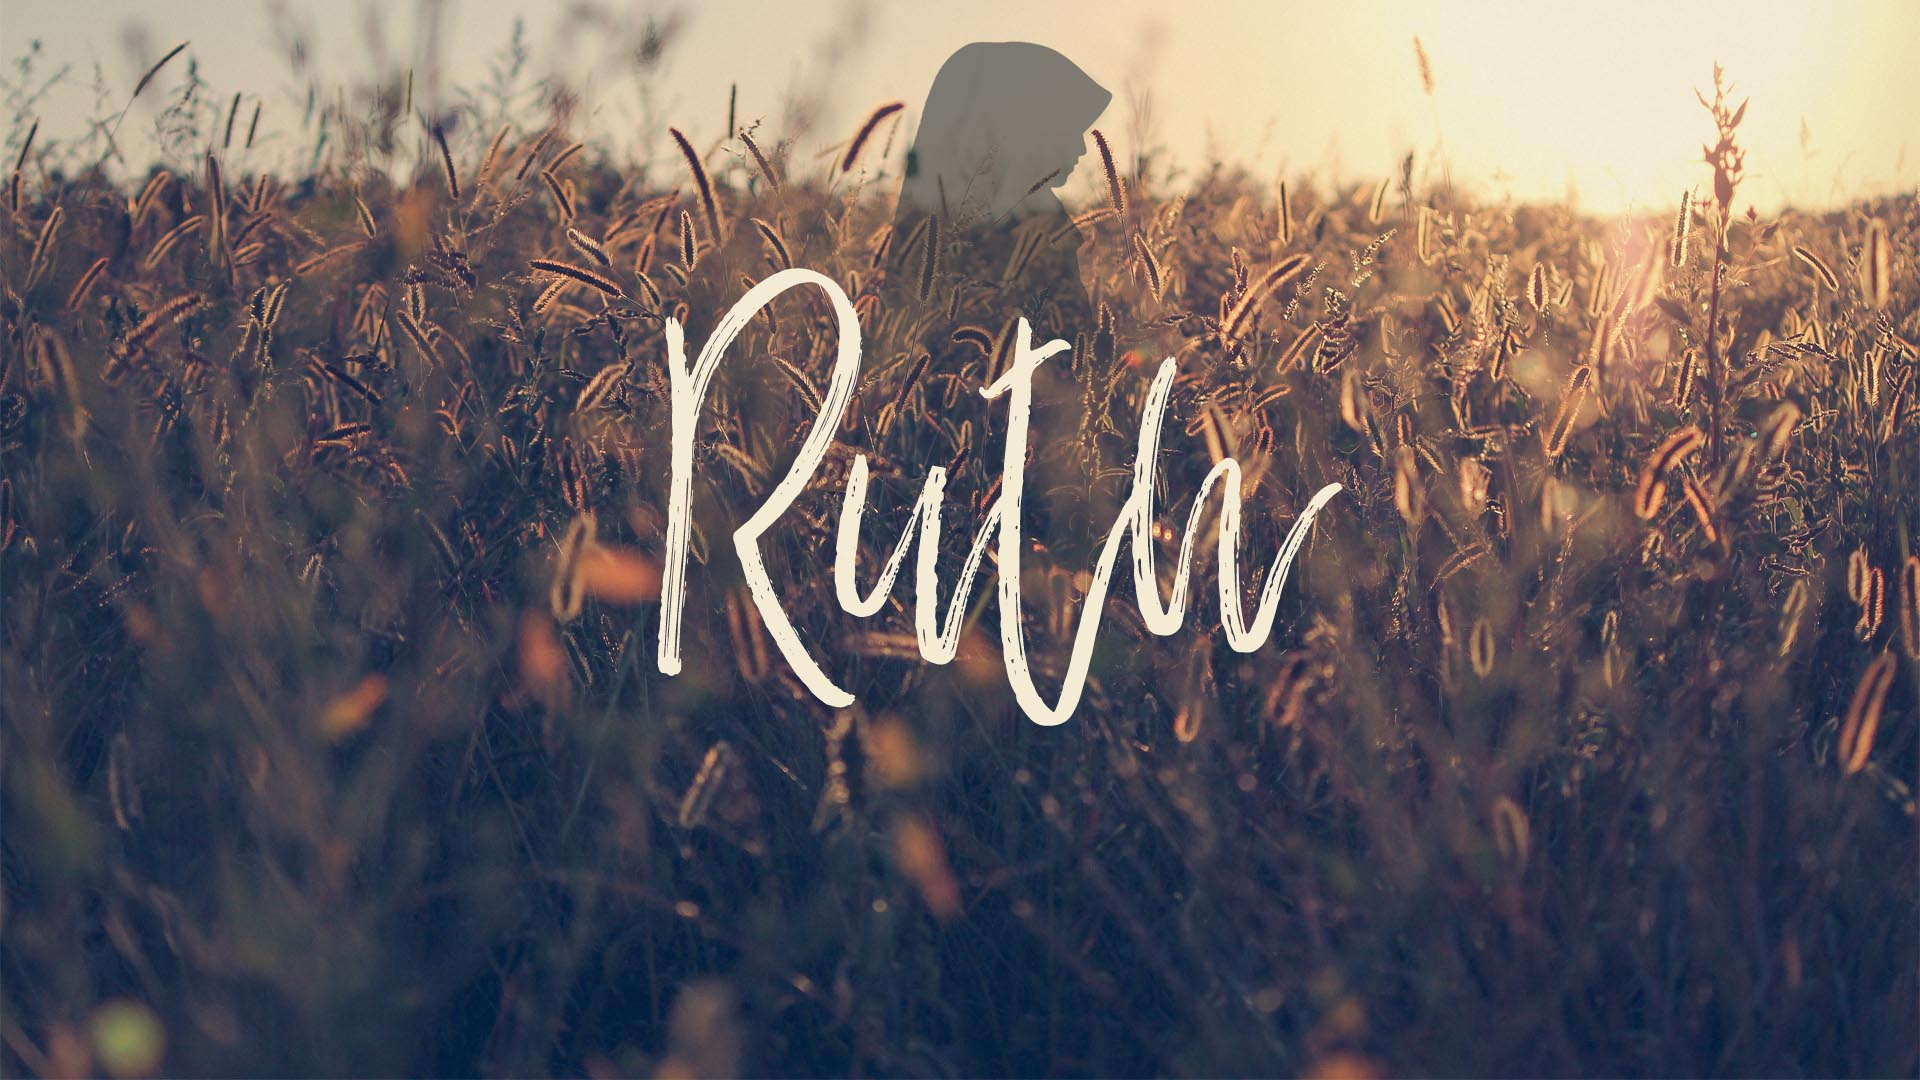 Ruth-sermon-series